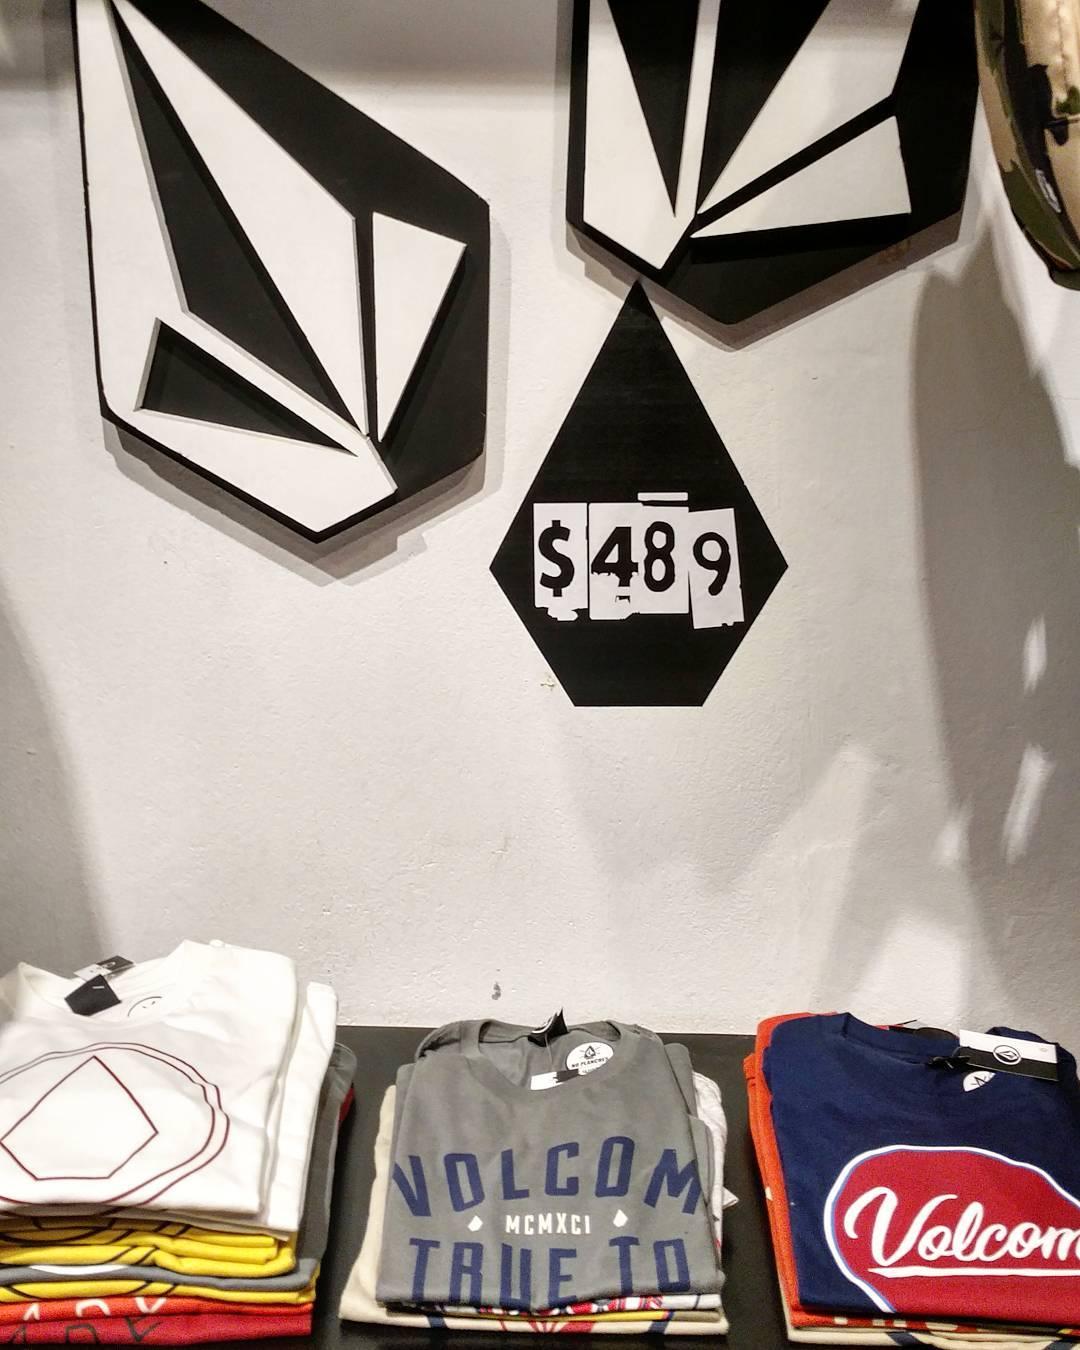 #Sabiasque en #VolcomStorePalermoViejo tenes una #Salecage Busca items de temporadas anteriores a precios increibles!!!! Armenia 1733. Palermo #ttt